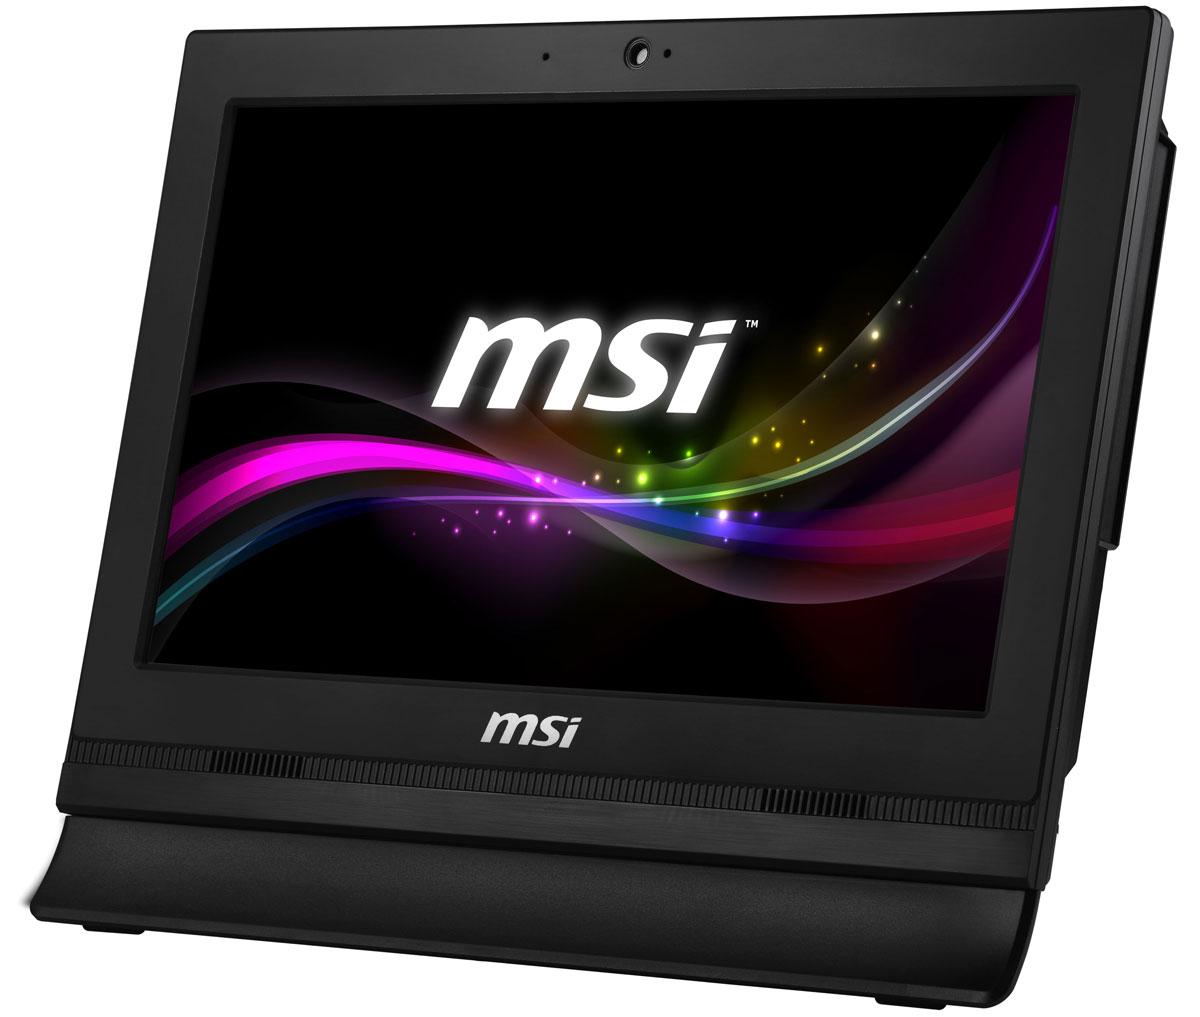 MSI Pro 16T 7M-009RU, Black моноблокPRO 16T 7M-009RUМоноблок MSI Pro 16T 7M оснащён несколькими портами COM и USB 2.0, что позволит подключить к нему любые виды коммерческих POS-машин, таких как сканеры штрих-кода, чековые принтеры и многие другие устройства.Моноблок Pro 16 7M снабжён двухъядерным процессором Intel Celeron 3865U, отличающимся высокой мультизадачной производительностью. Также он имеет низкое энергопотребление, требуя для нормальной работы лишь 15 Вт TDP. Таким образом, он способствует снижению энергопотребления, экономии ваших средств и сохранению экосистемы Земли.MSI всегда гарантирует высочайшее качество графики, поэтому оснастила свой моноблок антибликовым экраном. В ярко освещённых магазинах и офисах или в домашнем кабинете антибликовый экран отлично защитит ваши глаза от отражений и бликов на экране компьютера.Каждому из нас хочется быть уверенным в том, что мы сможем продолжить работу в любое время и в любых условиях. Если вам требуется больше оперативной памяти или жесткий диск побольше, вы легко сможете это сделать сами.Благодаря дополнительному HDD-лотку вы сможете установить второй внутренний жесткий диск и увеличить доступный объём дискового пространства или повысить надёжность хранения данных в случае сбоя одного из дисков.Моноблок имеет интегрированный параллельный порт для подключения принтера. Благодаря этому порту вы можете отправлять редактируемые документы на принтер напрямую, без опаски за утечку важной информации через прослушивание сетевого подключения, которое используется большинством публичных принтеров.Инновационная система охлаждения не предусматривает наличия вентилятора, а это снижает потребление электроэнергии и уровень шума, делая работу на этом моноблоке гораздо приятней. Кроме того, отказ от вентилятора позволил снизить вероятность ошибок и увеличить срок службы моноблока.Создавая этот моноблок, инженеры MSI поставили во главу угла его максимально эффективное энергопотребление и использование экологически безопасных ма